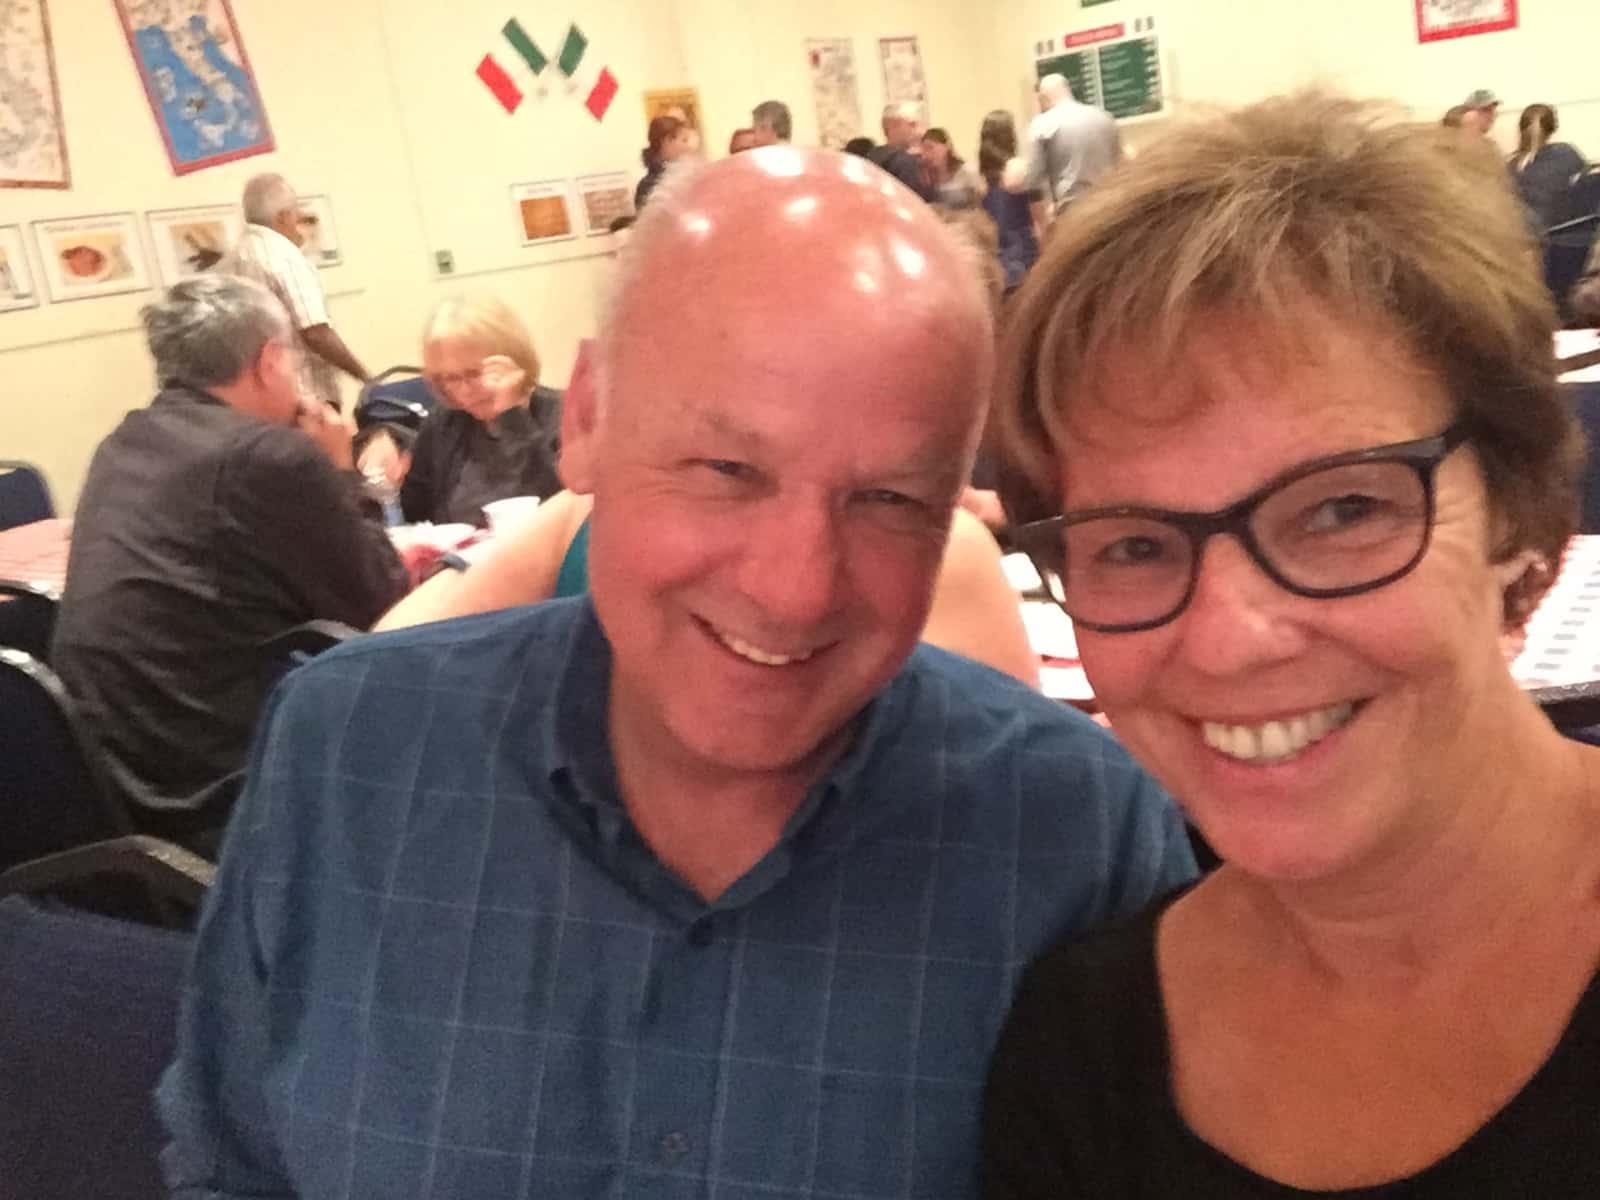 Mary & Mac from Halifax, Nova Scotia, Canada